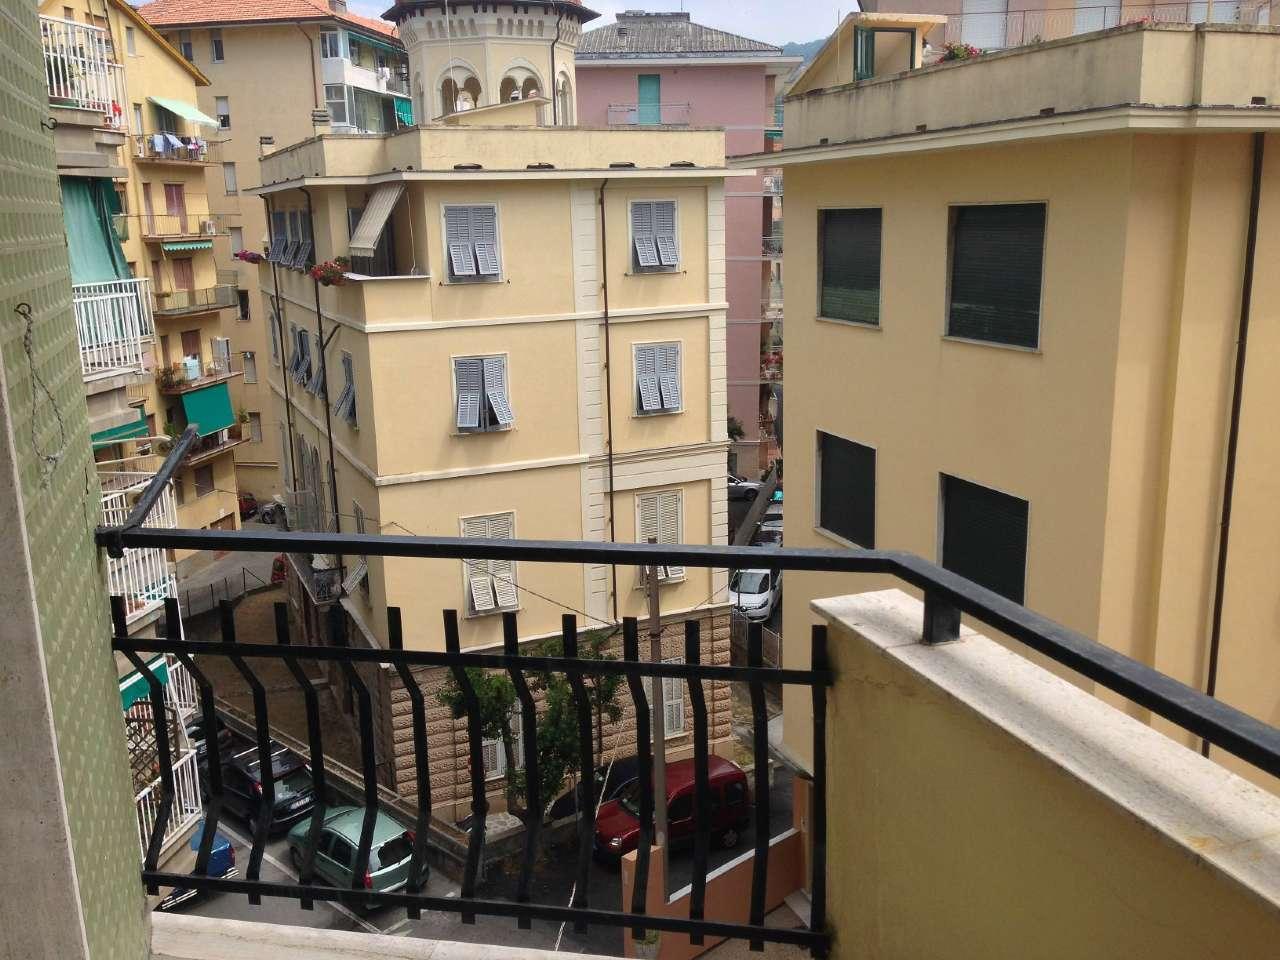 Appartamento in affitto a Chiavari, 2 locali, prezzo € 450 | CambioCasa.it